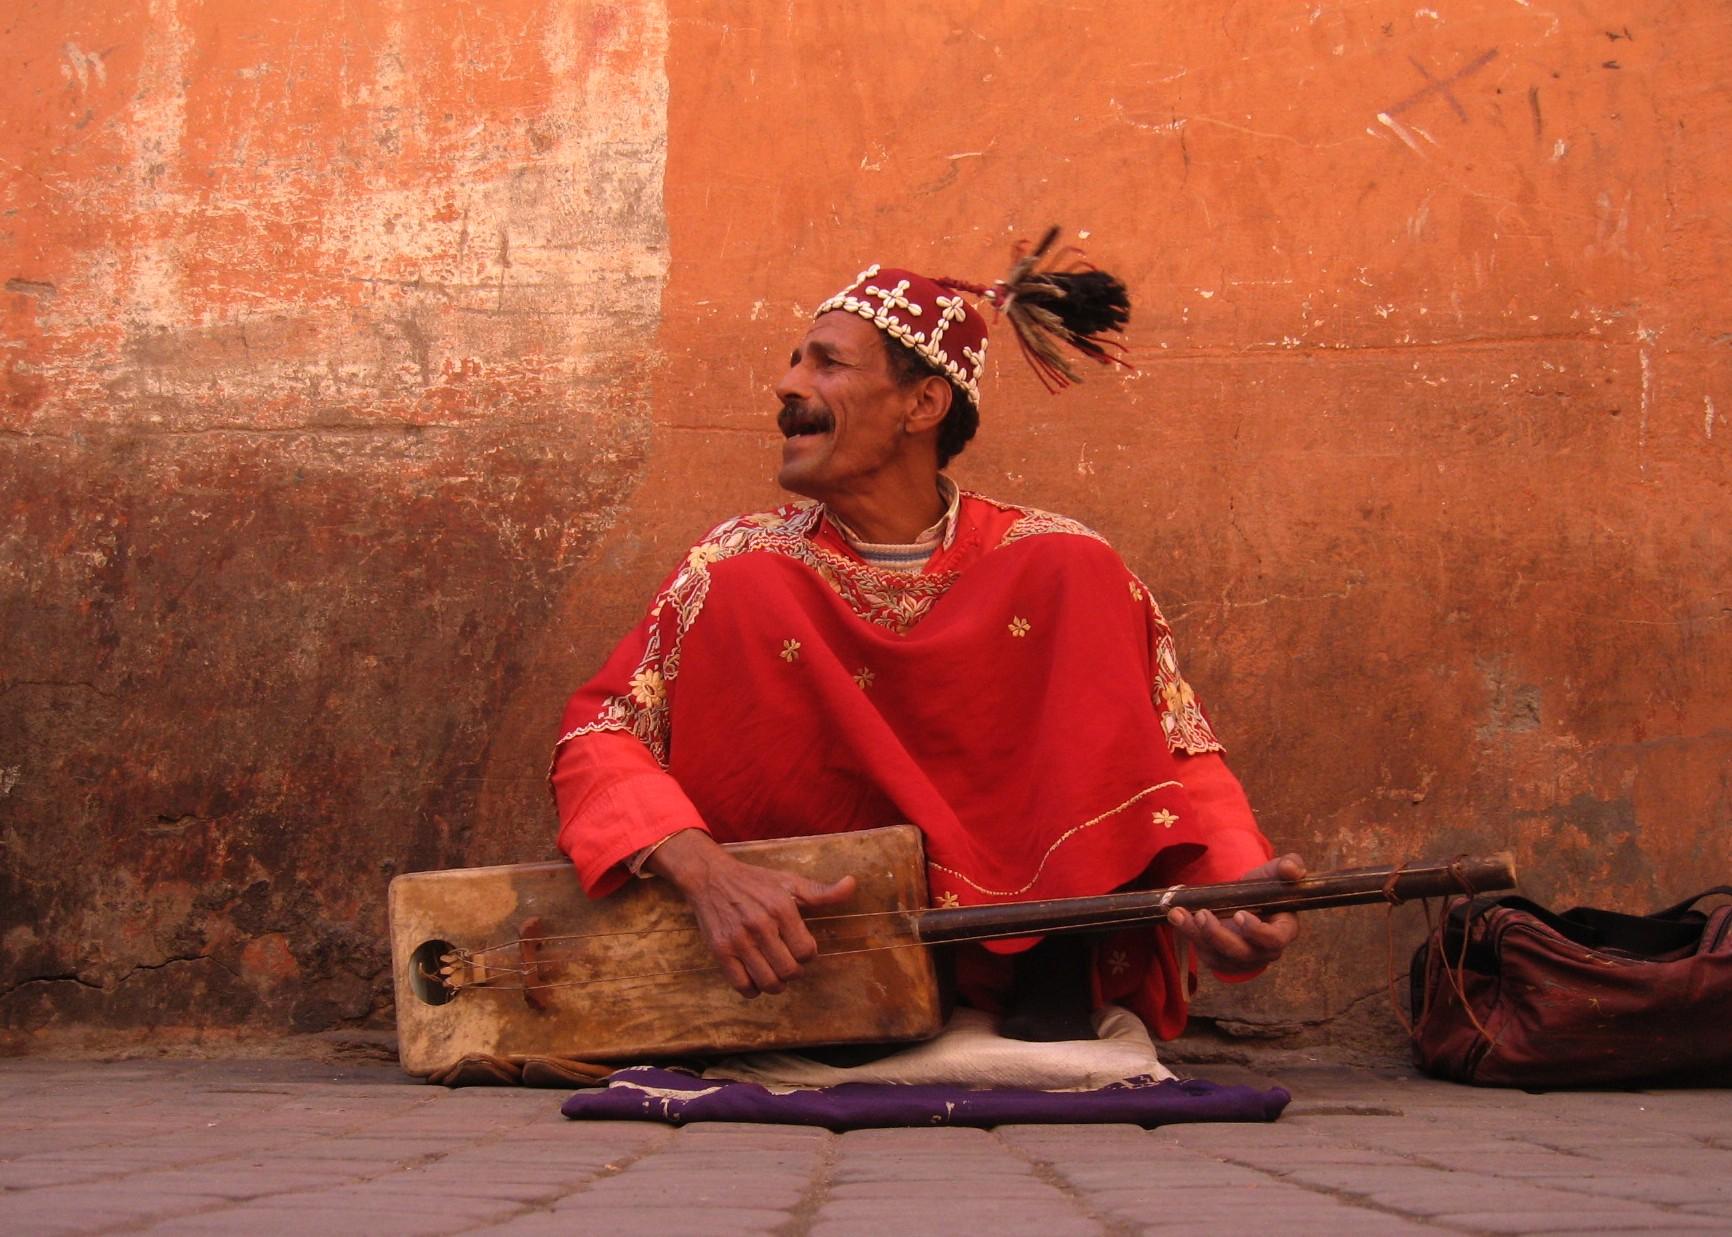 Guimbri_player,_Marrakech